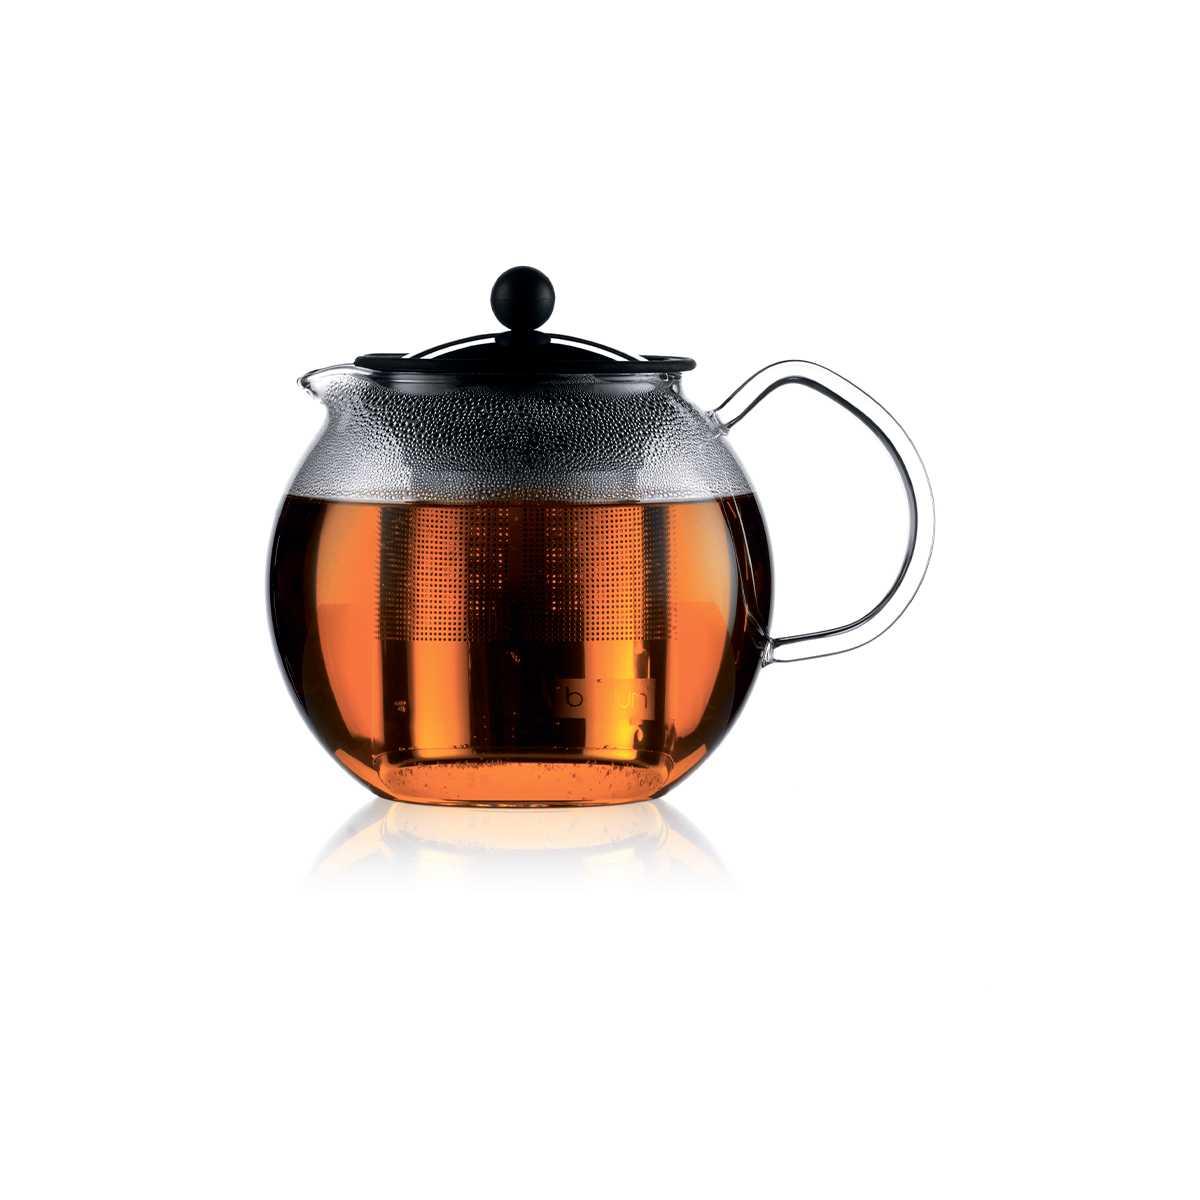 Онлайн каталог PROMENU: Чайник с прессом Bodum ASSAM, объем 1 л, прозрачный Bodum 1801-16